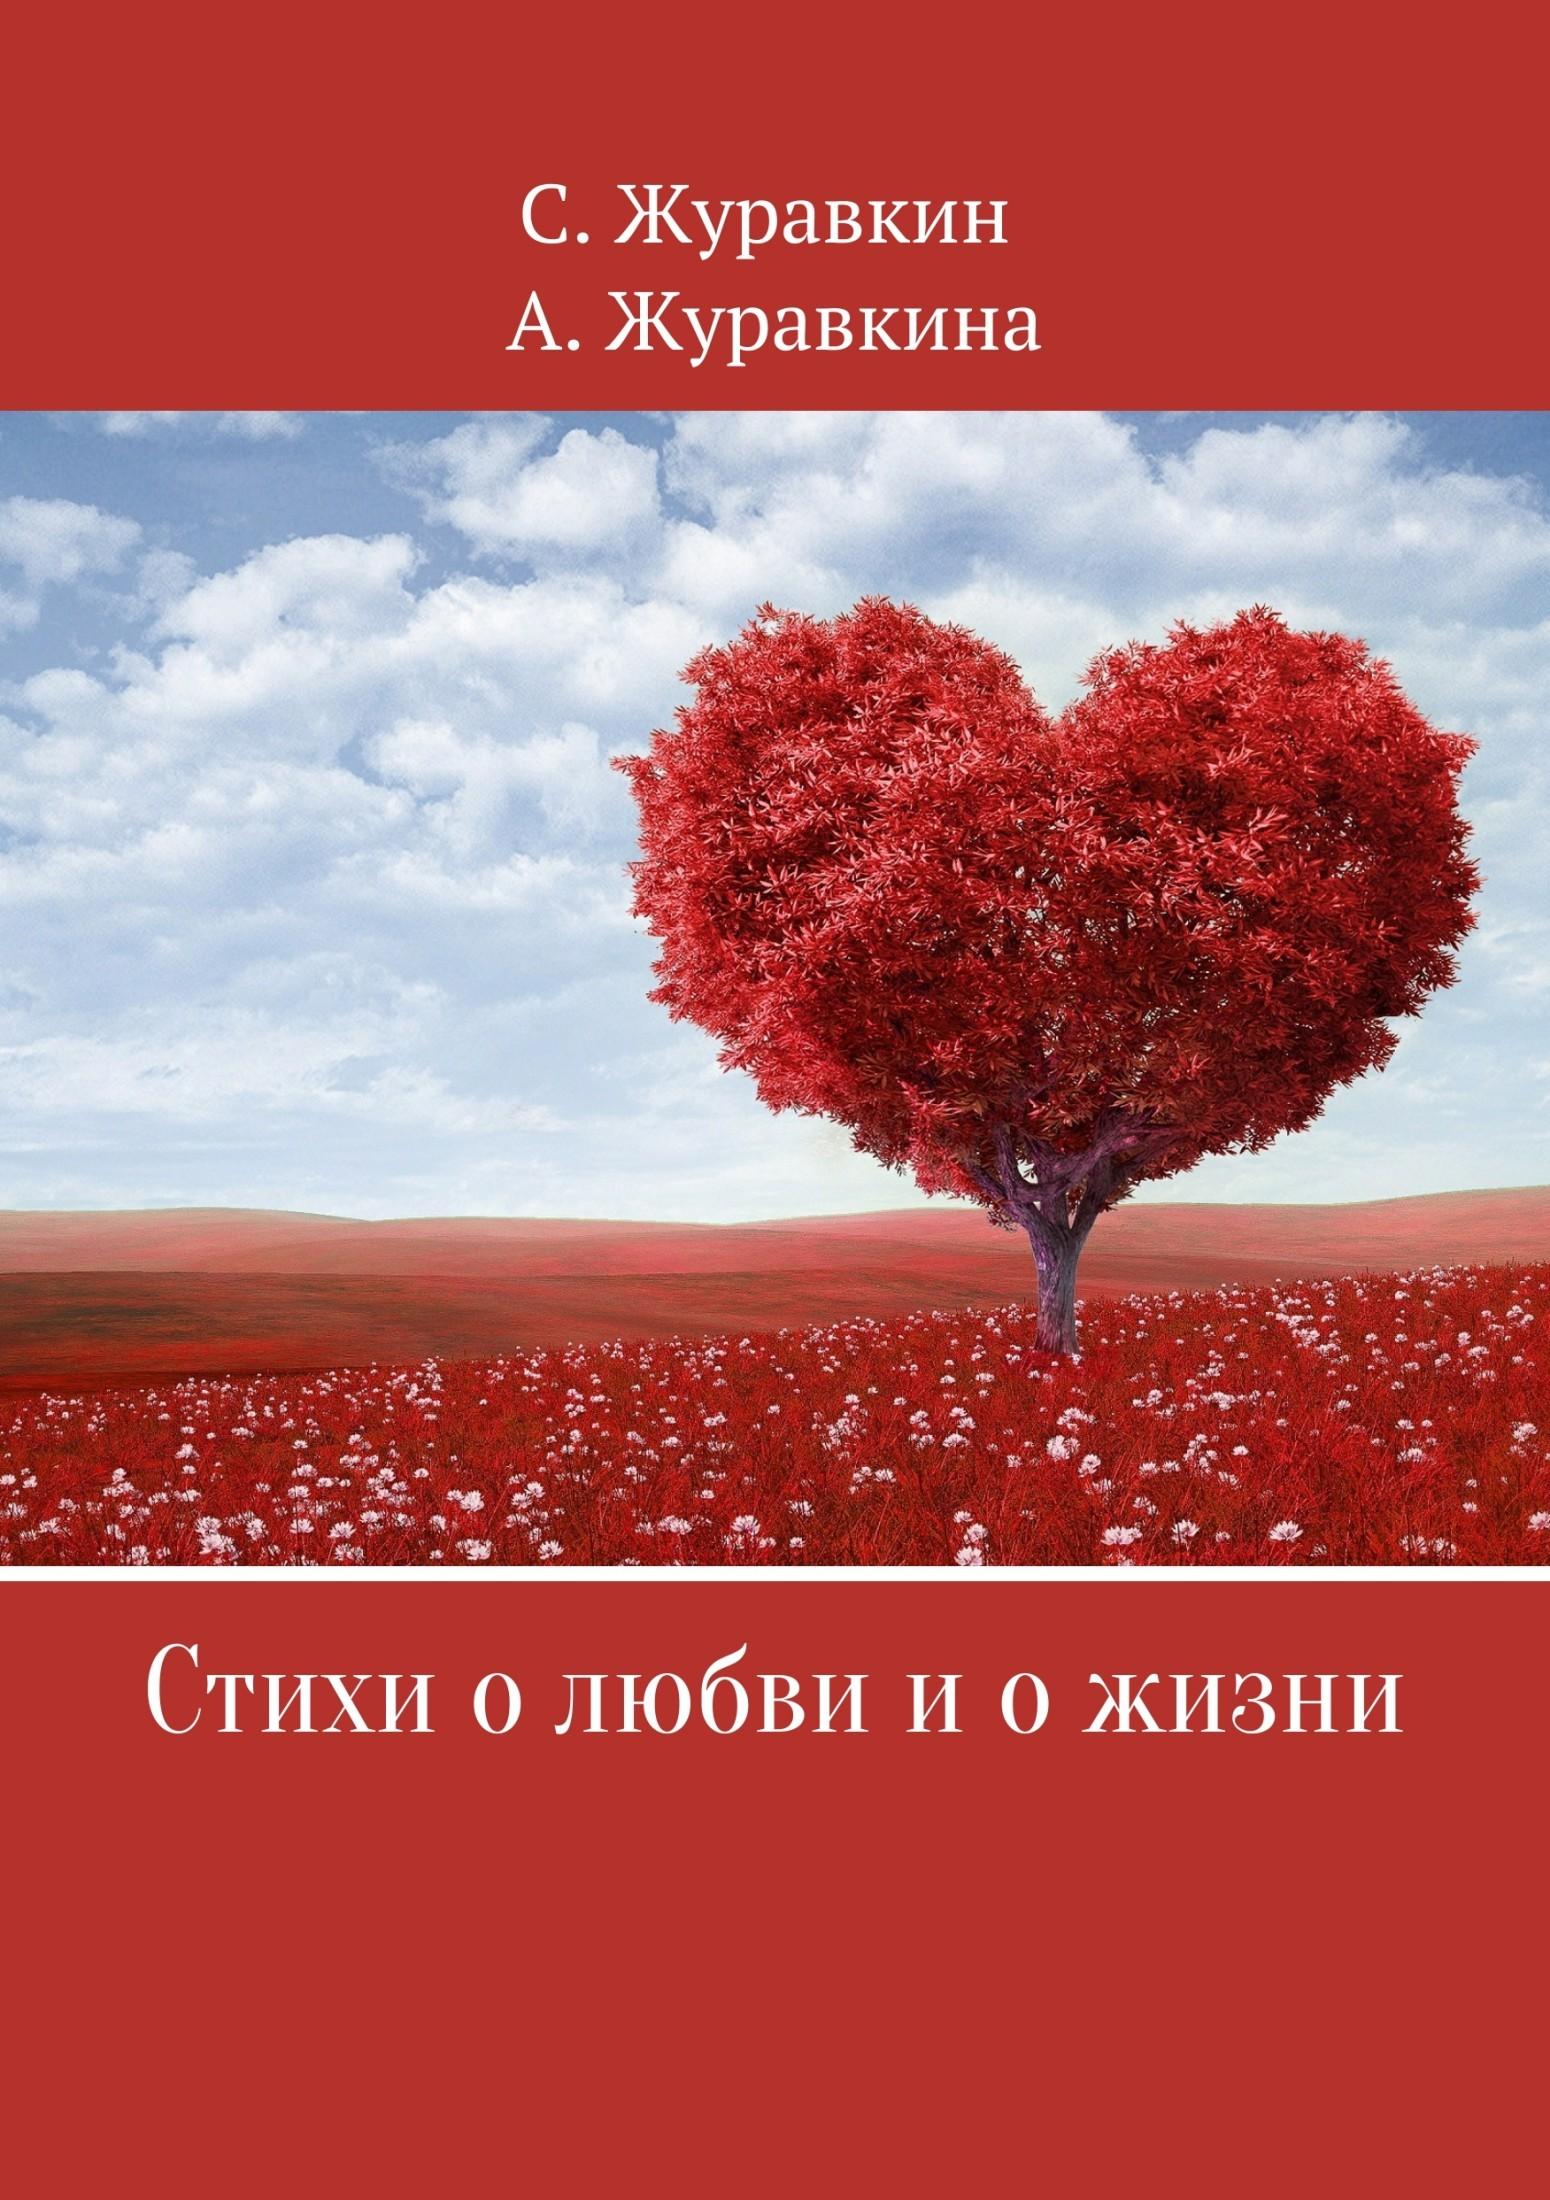 Стихи о любви и о жизни